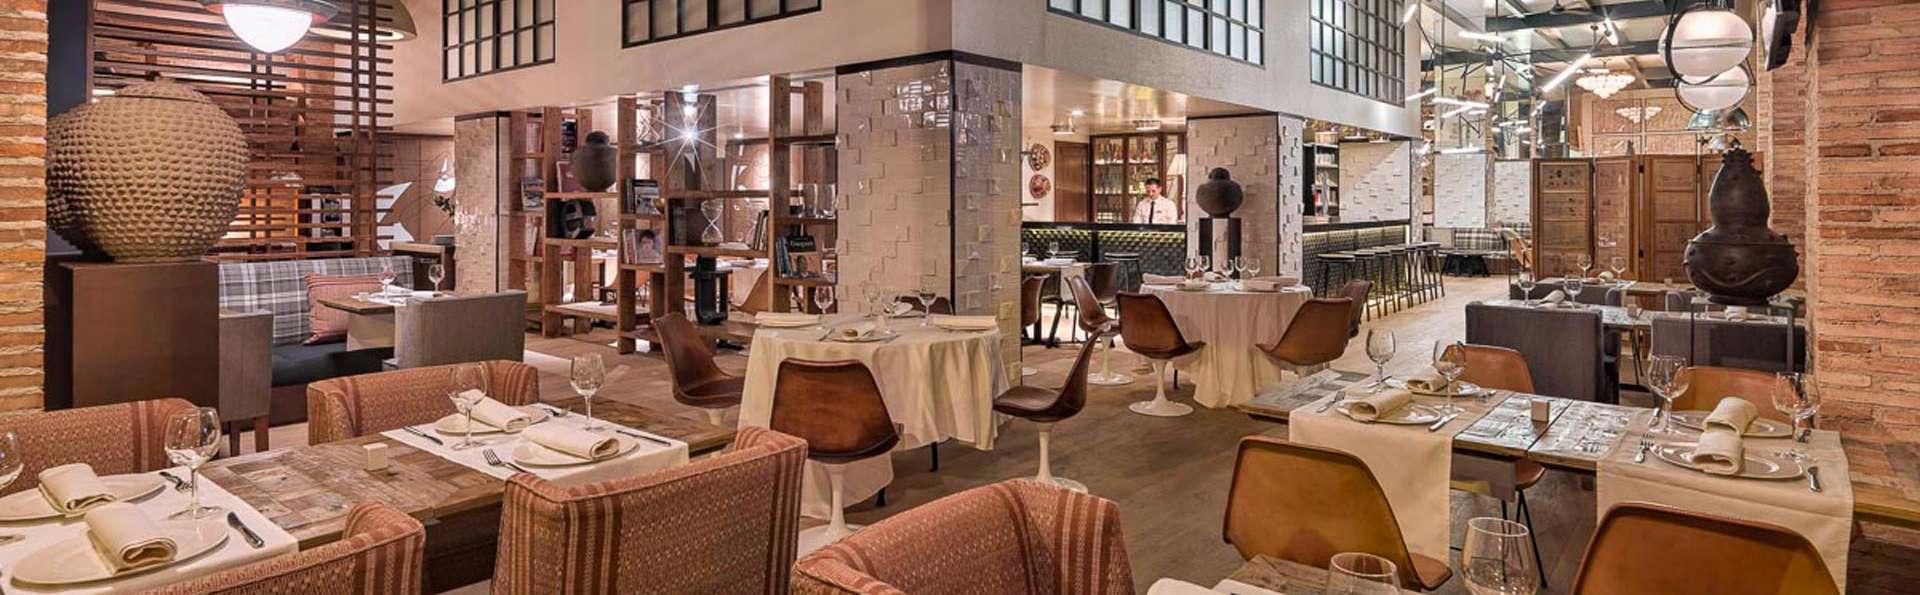 Séjour gastronomique avec dîner dégustation à Madrid (à partir de 2 nuits)